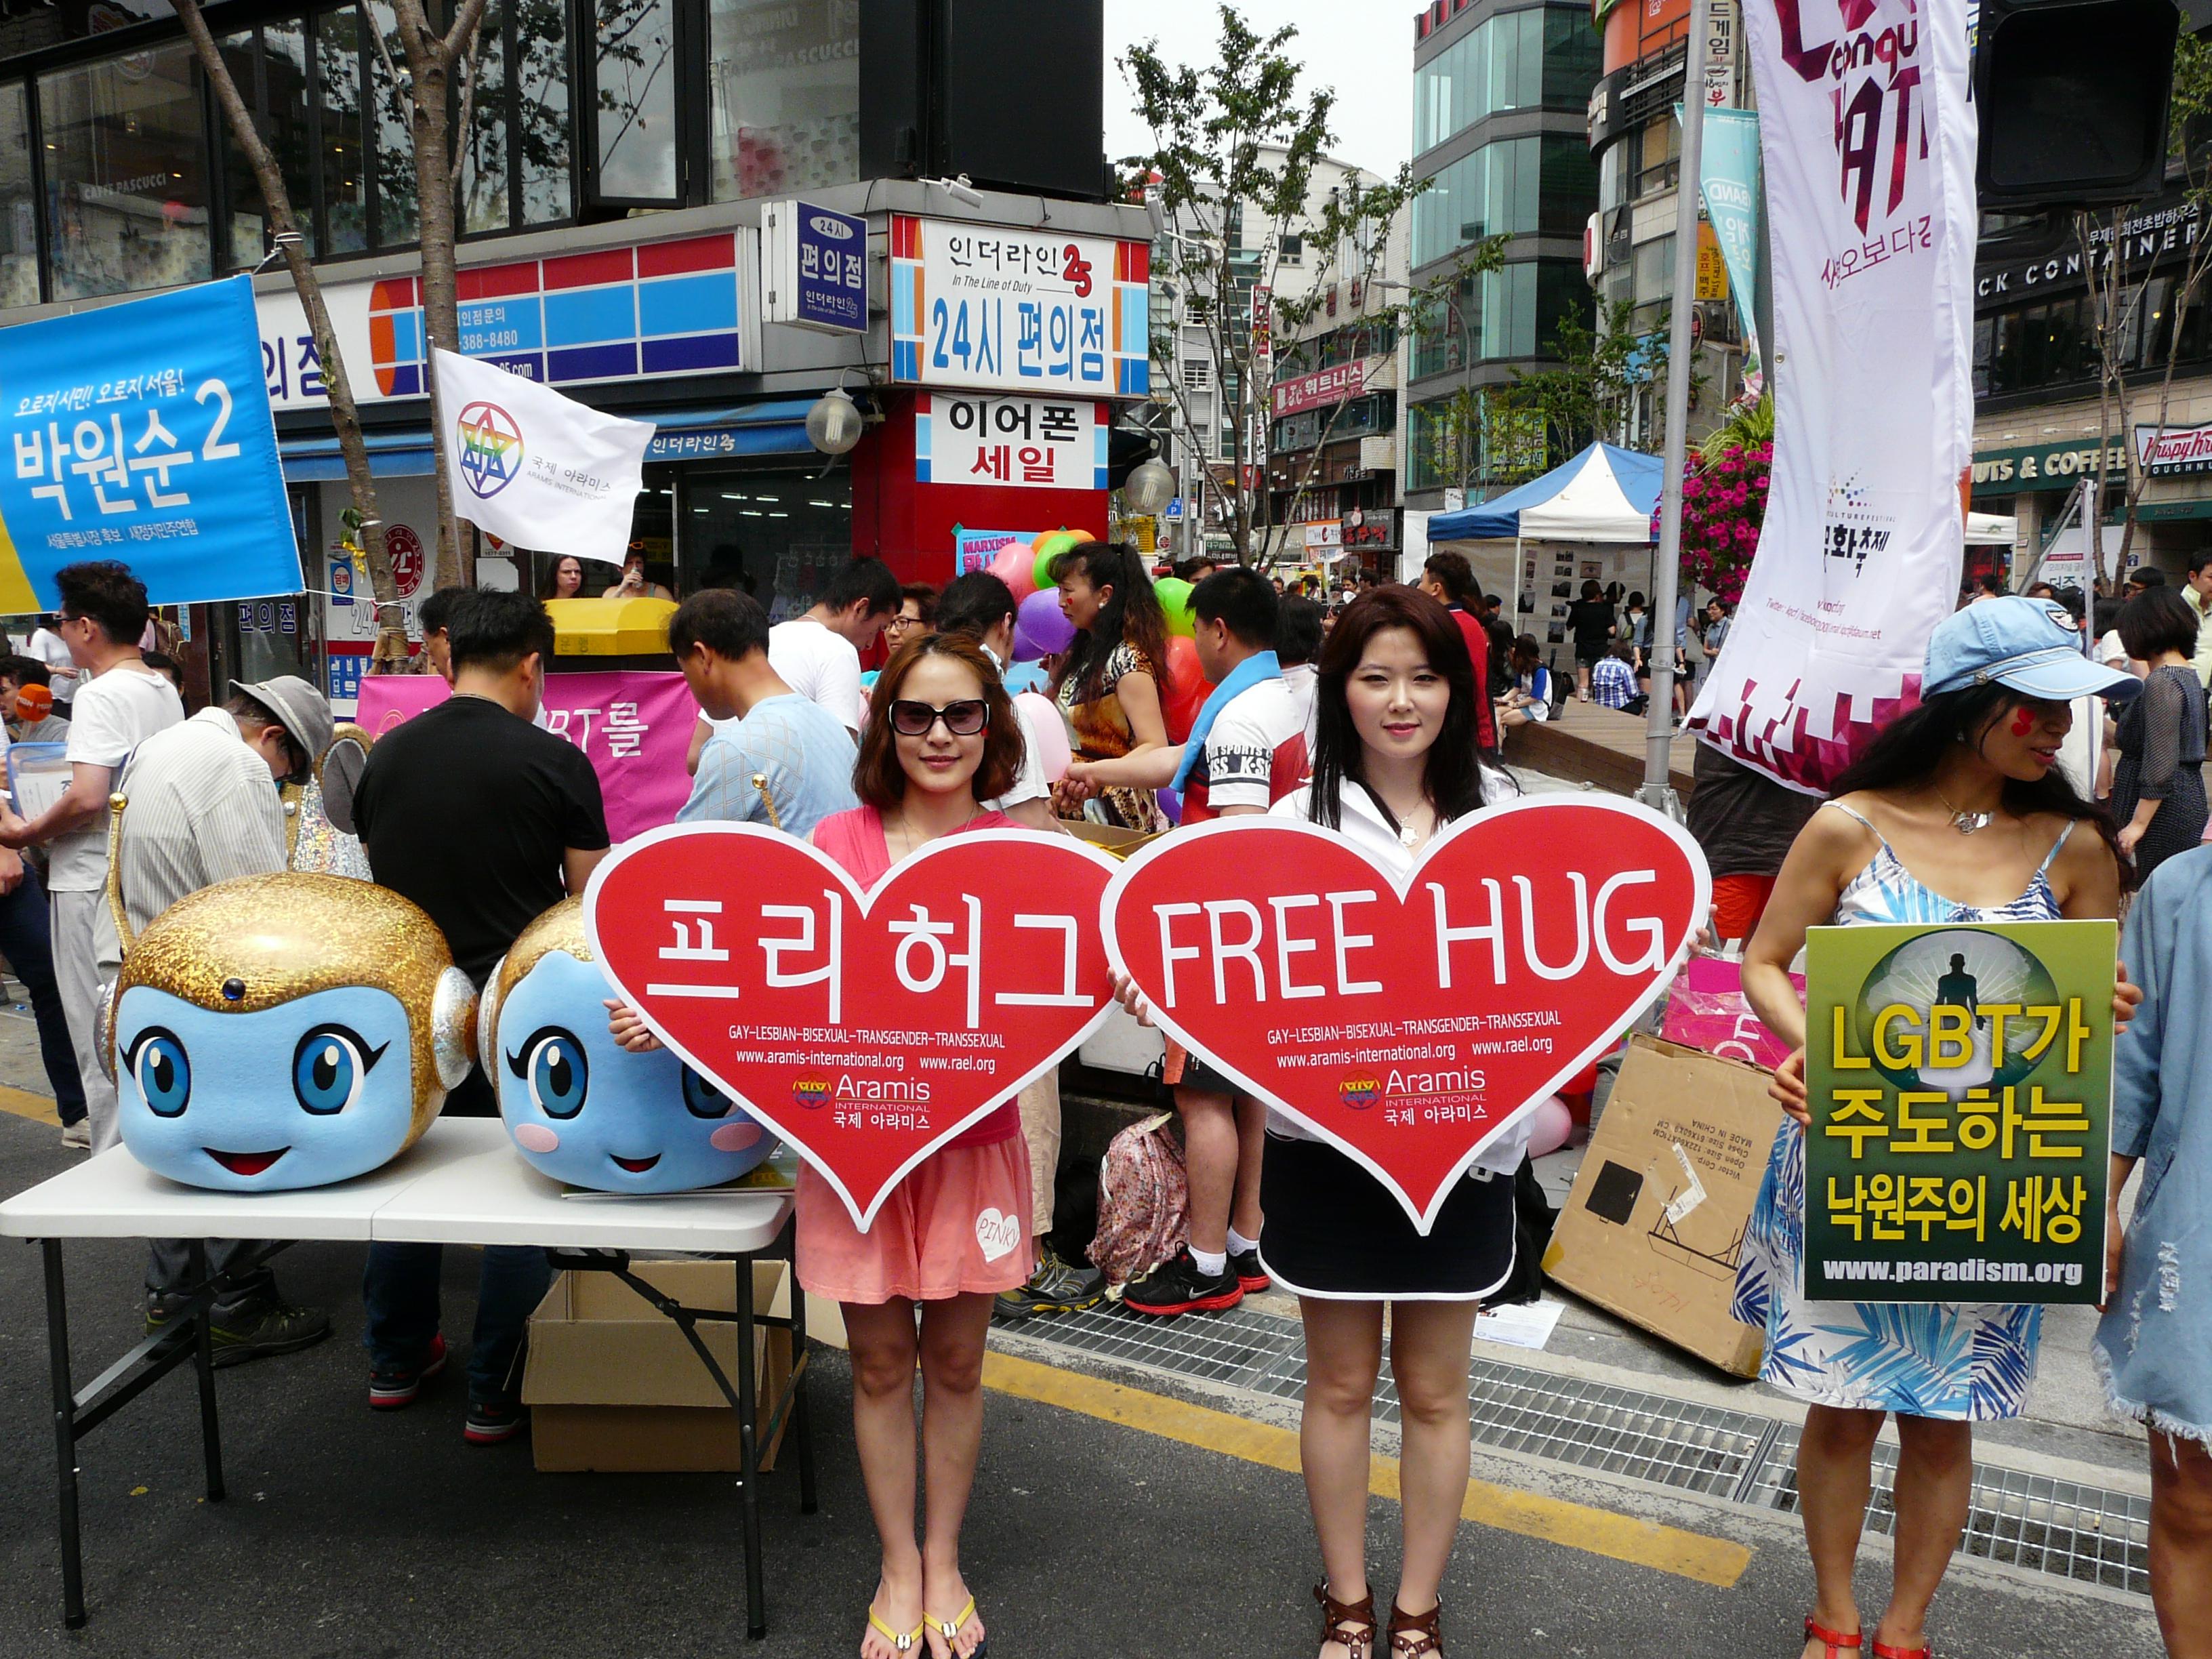 Incontri internazionali in Corea